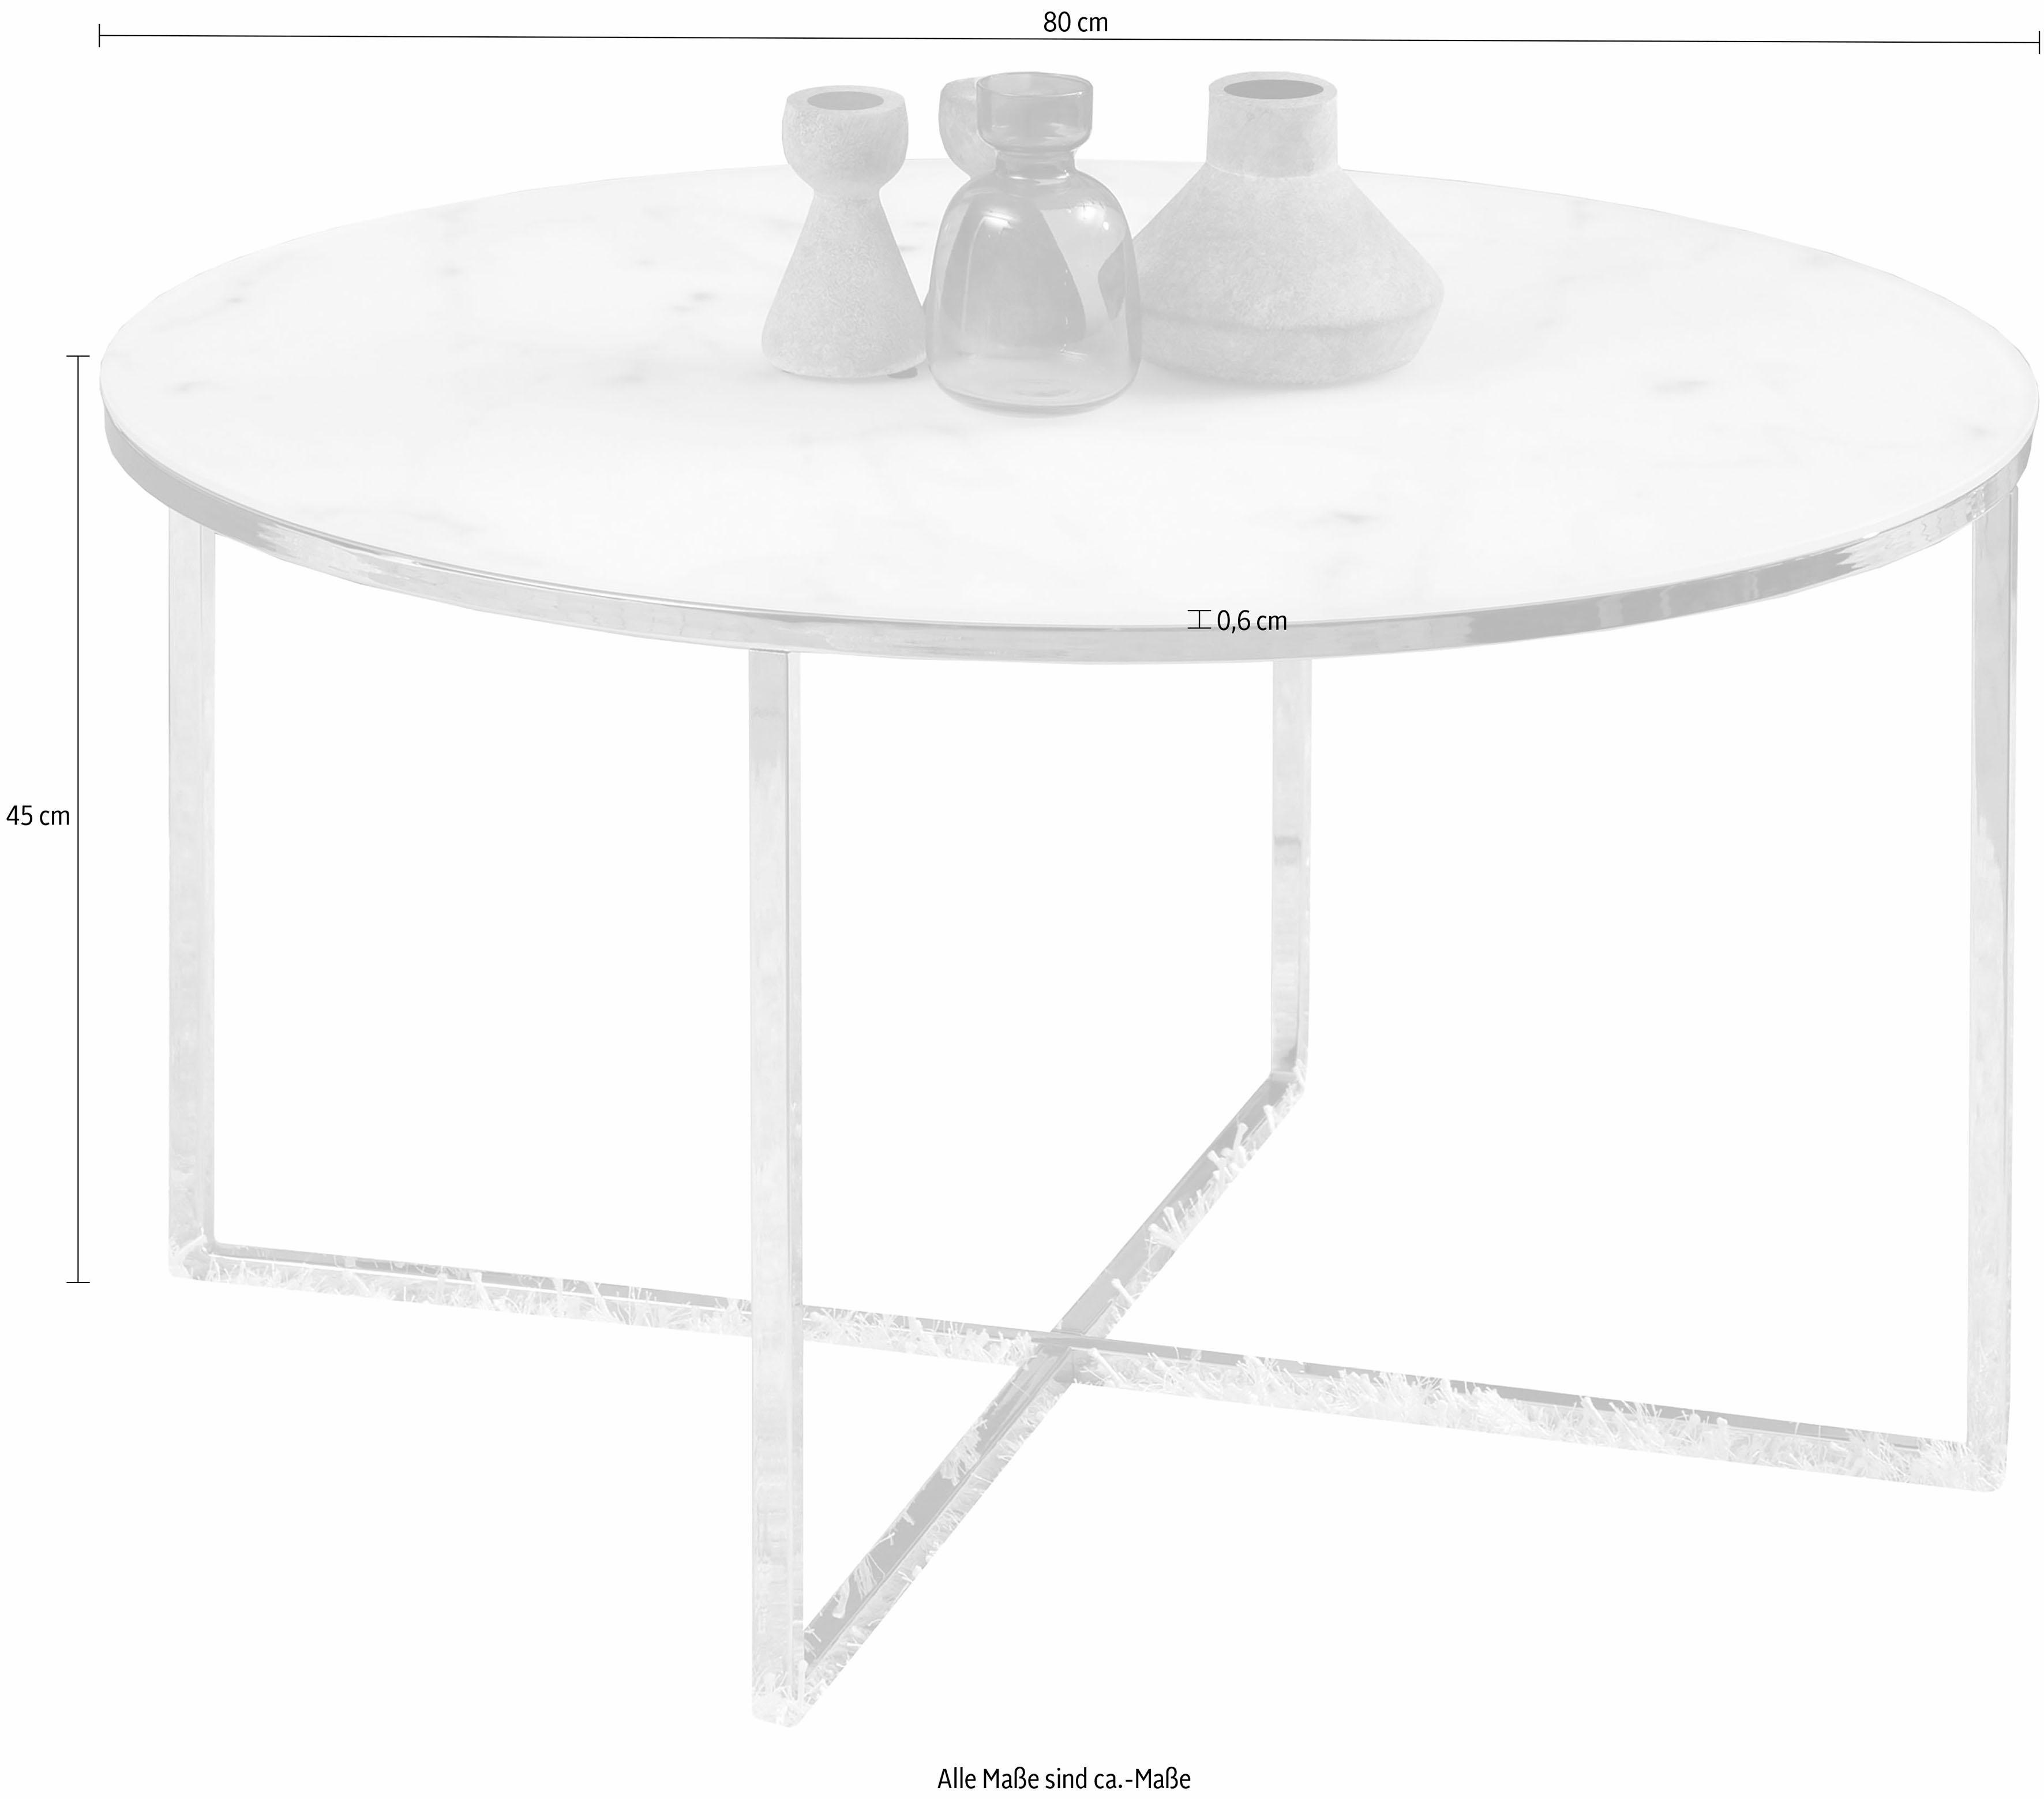 Großartig Couchtisch Glas Chrom Gestell Referenz Von Andas »alinaÂ« Mit Einer Glasplatte In Mamoroptik